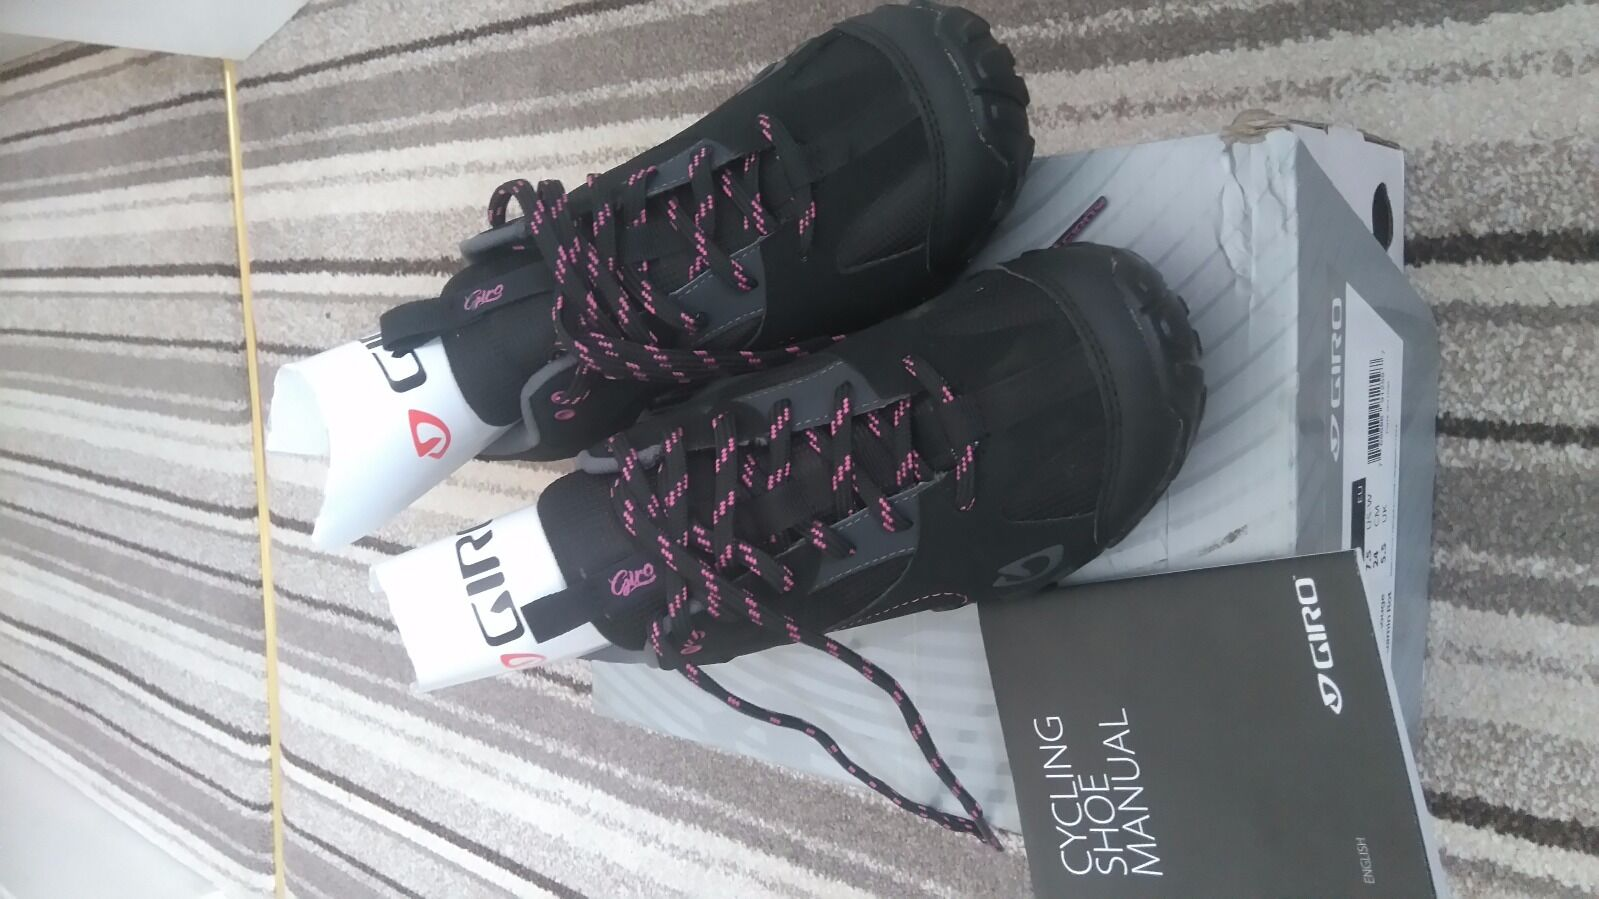 Giro Petra cycling shoes Brand new in box, Euro size 37,